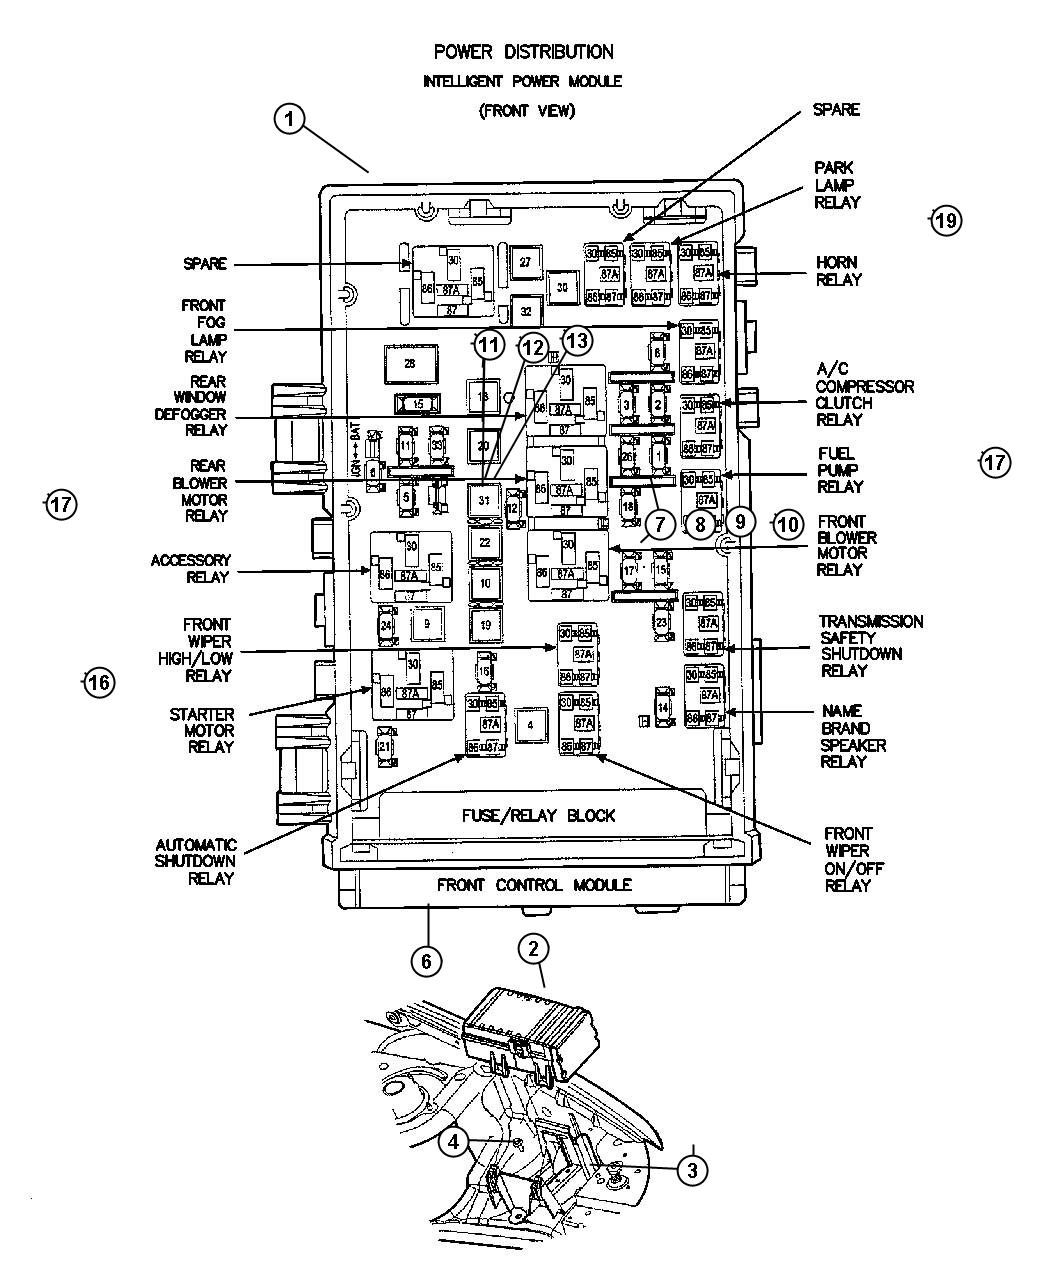 Oem 2012 Dodge Ram 1500 Parts Online Factory Chrysler